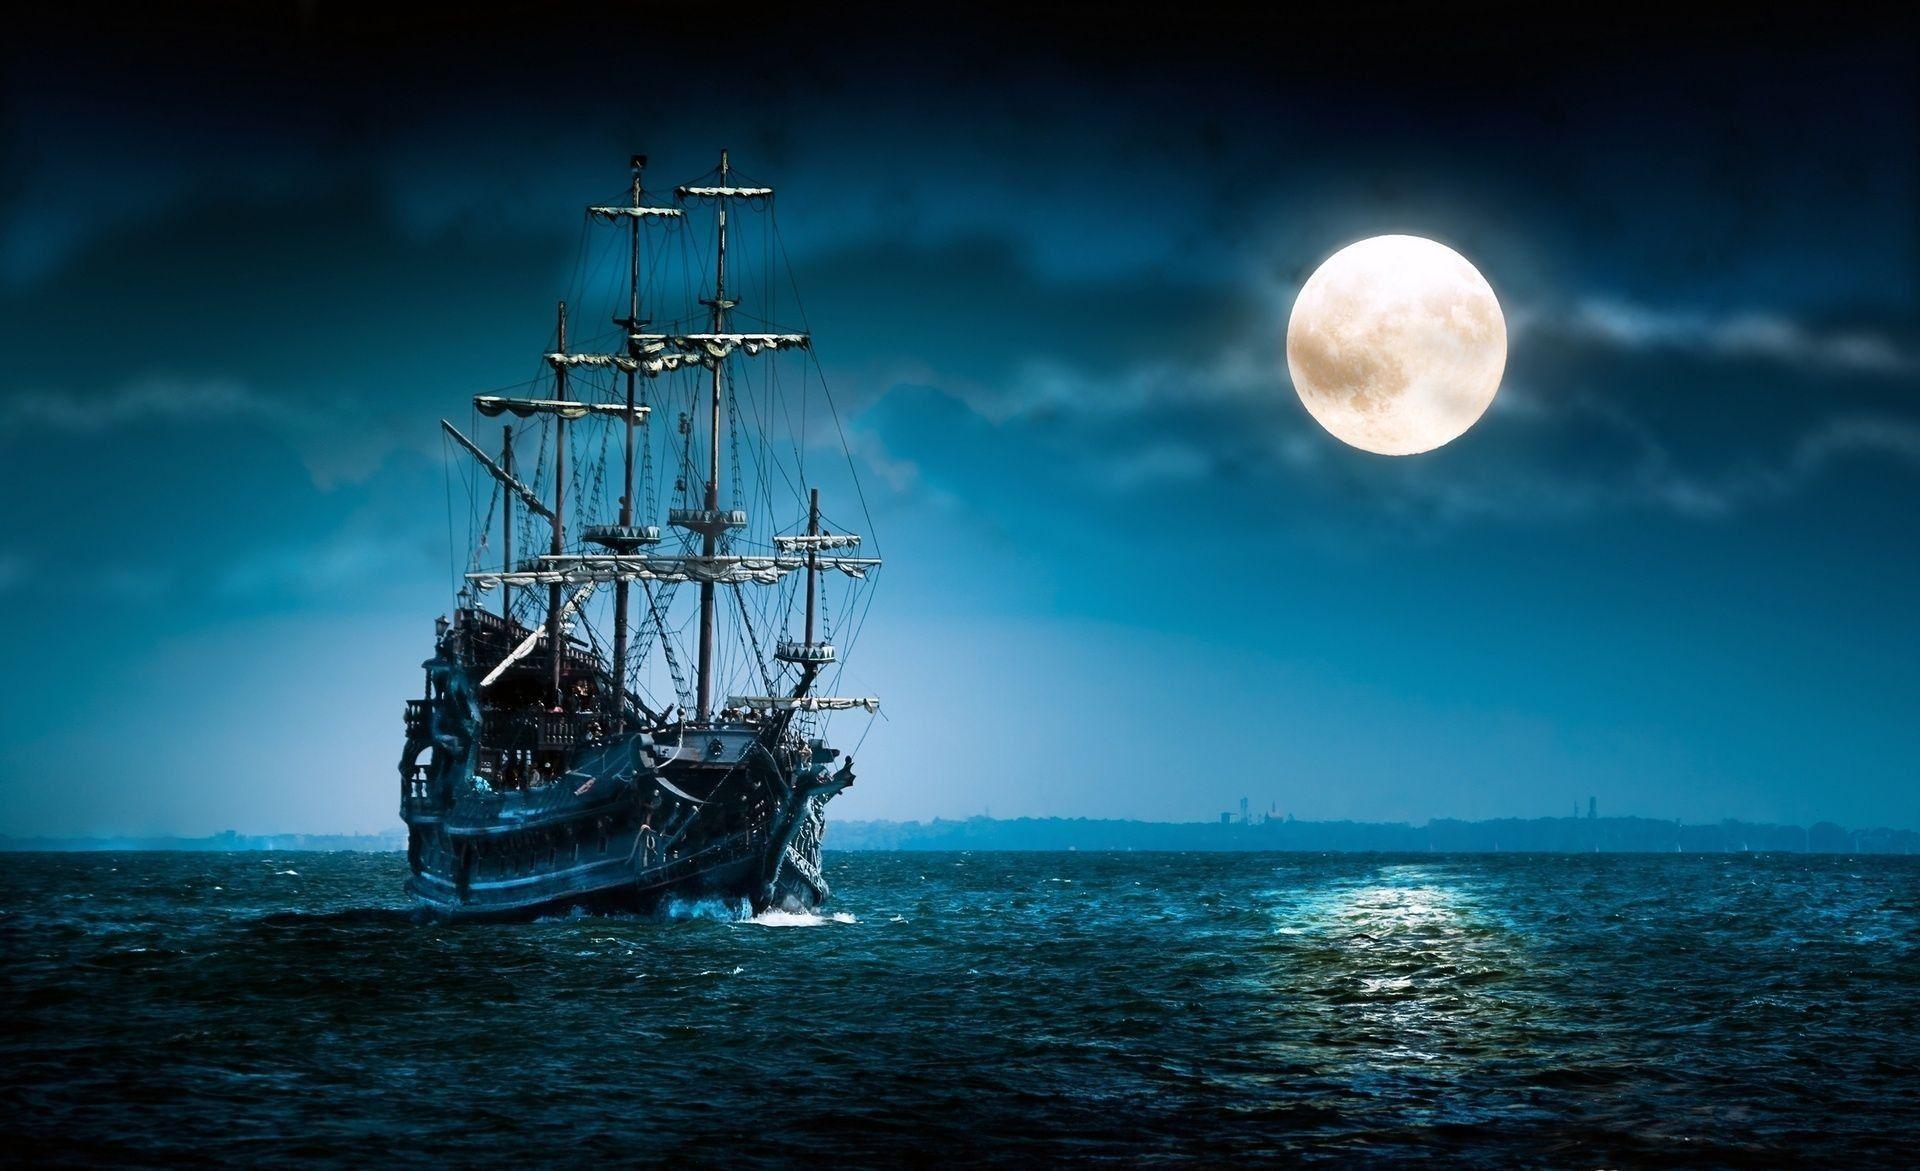 Full Moon Night Ship - NineWallpaper